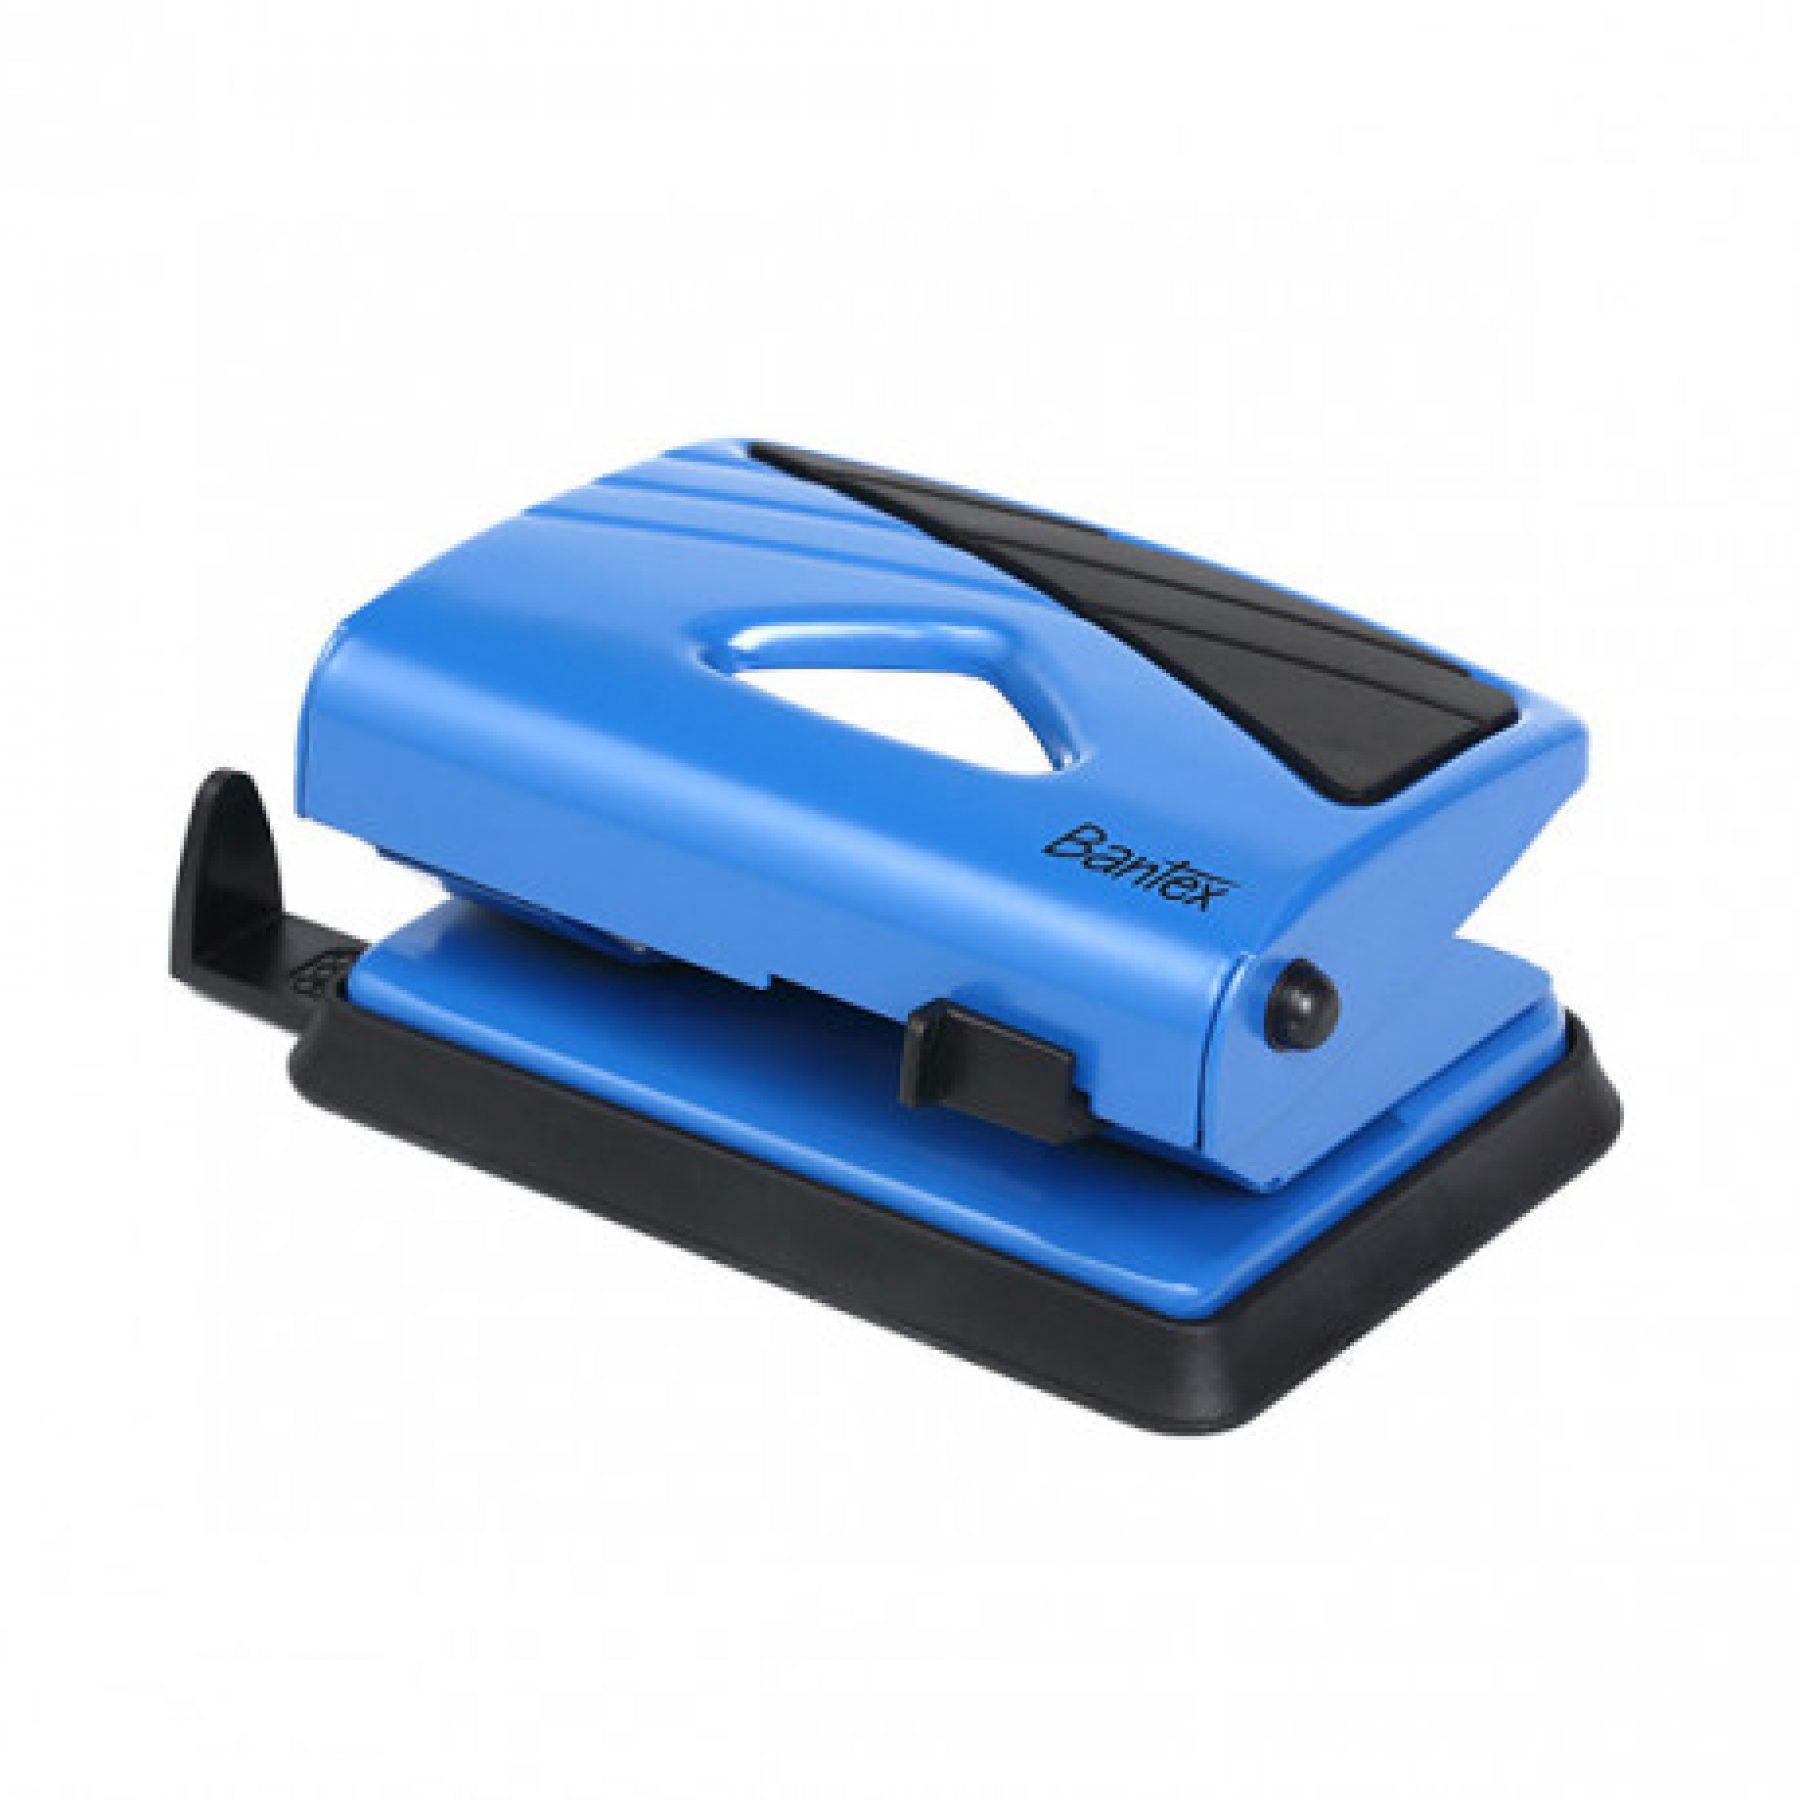 BANTEX-Medium-Metal-Punch-16-Sheet-Cobalt-Blue-400x360h